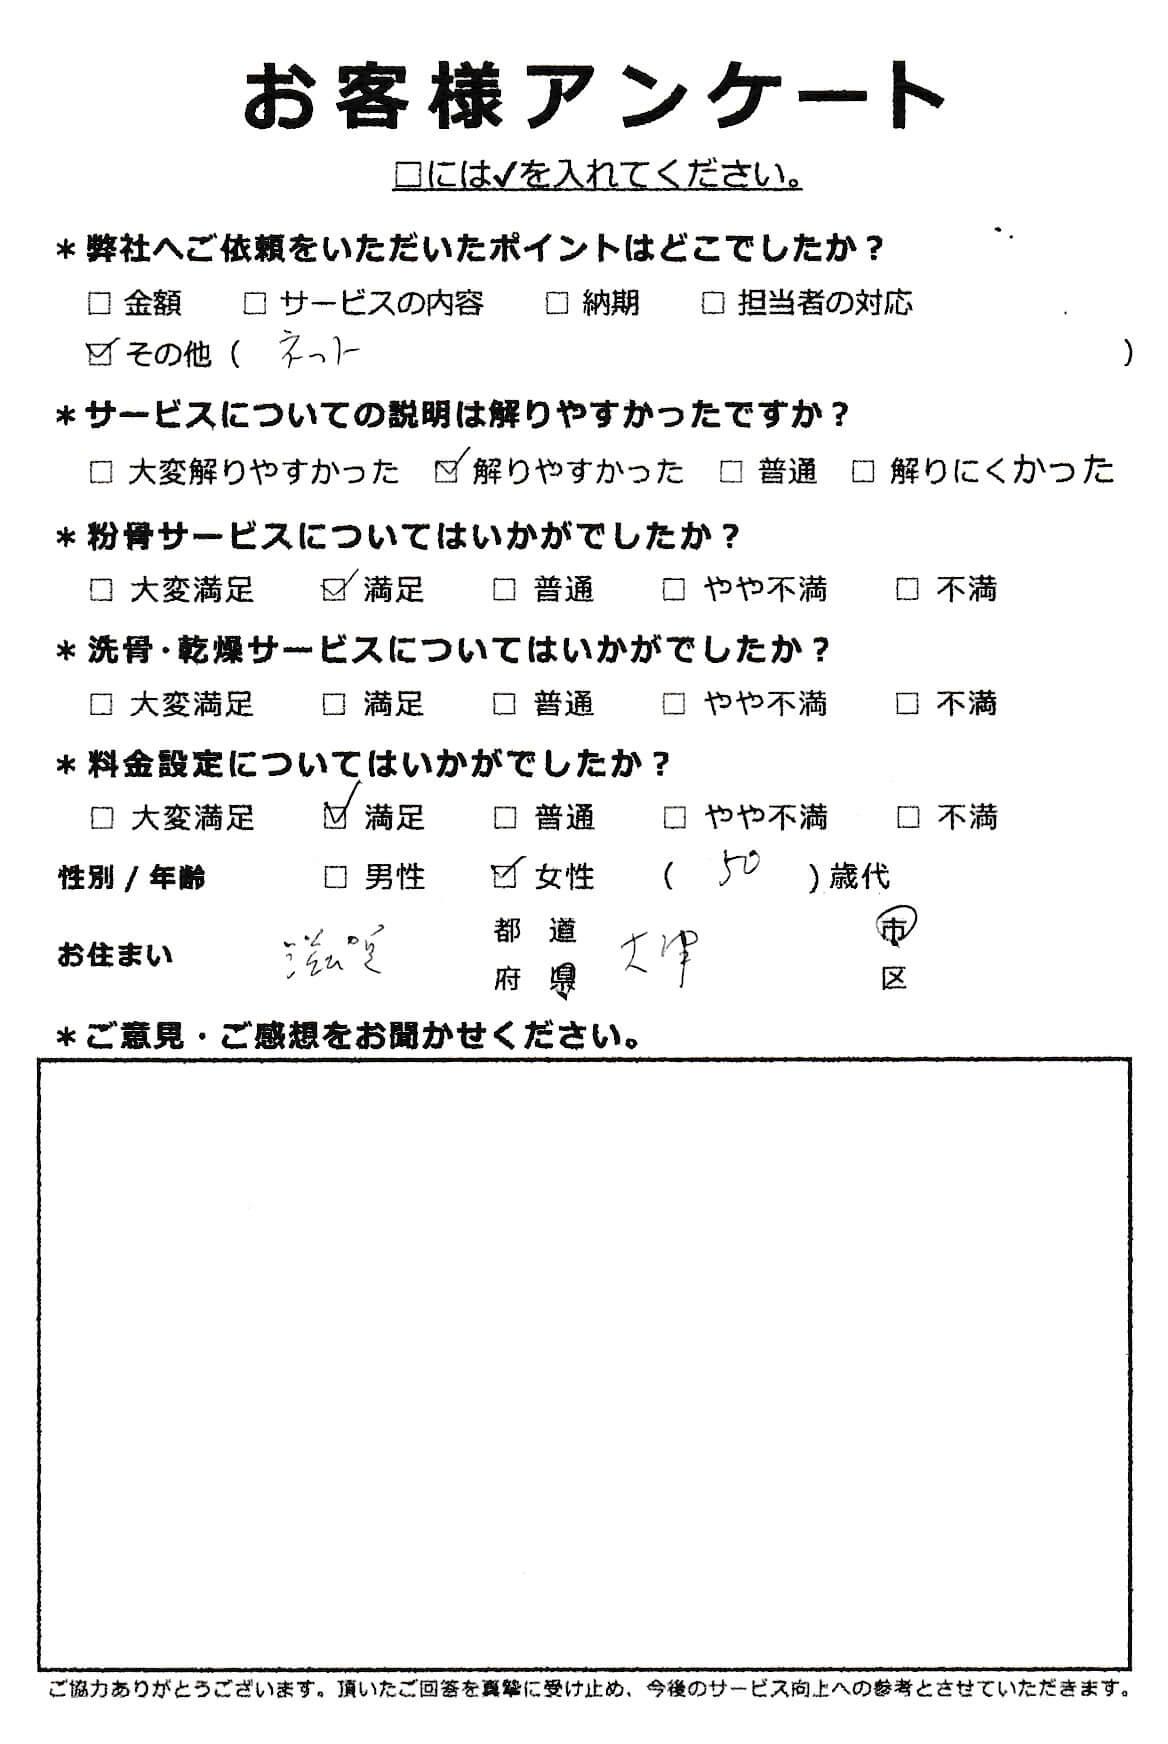 滋賀県大津市での粉骨サービス